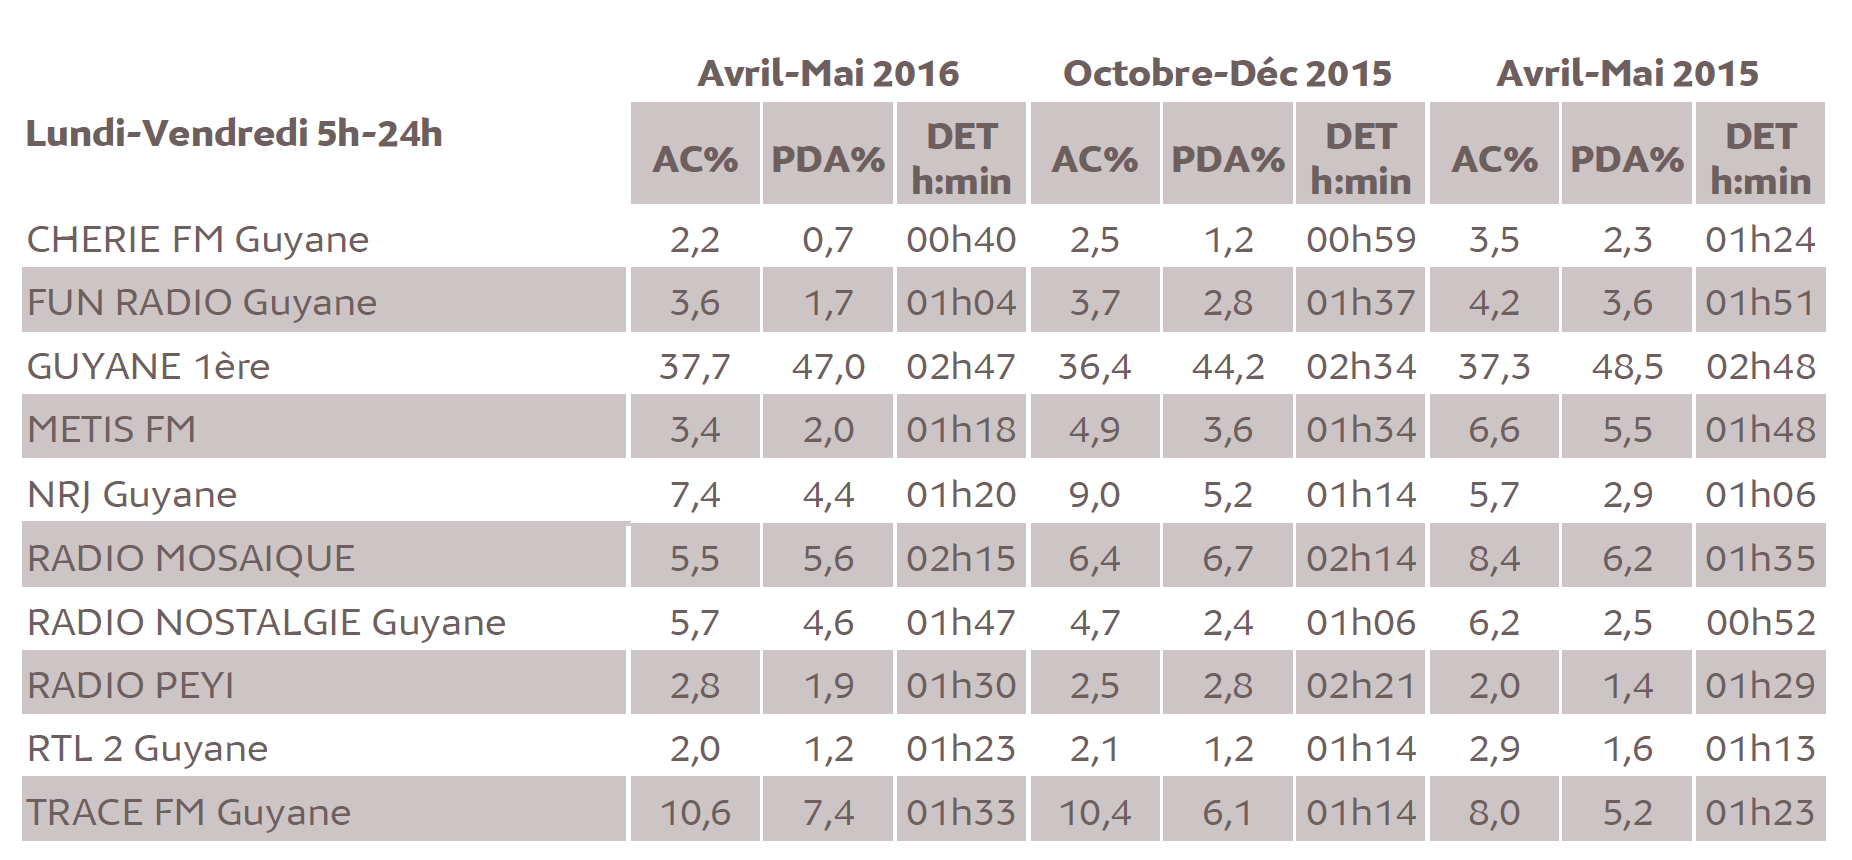 Source : Médiamétrie - Métridom Guyane – Vague Avril-Mai 2016 - 13 ans et plus - Copyright Médiamétrie - Tous droits réservés